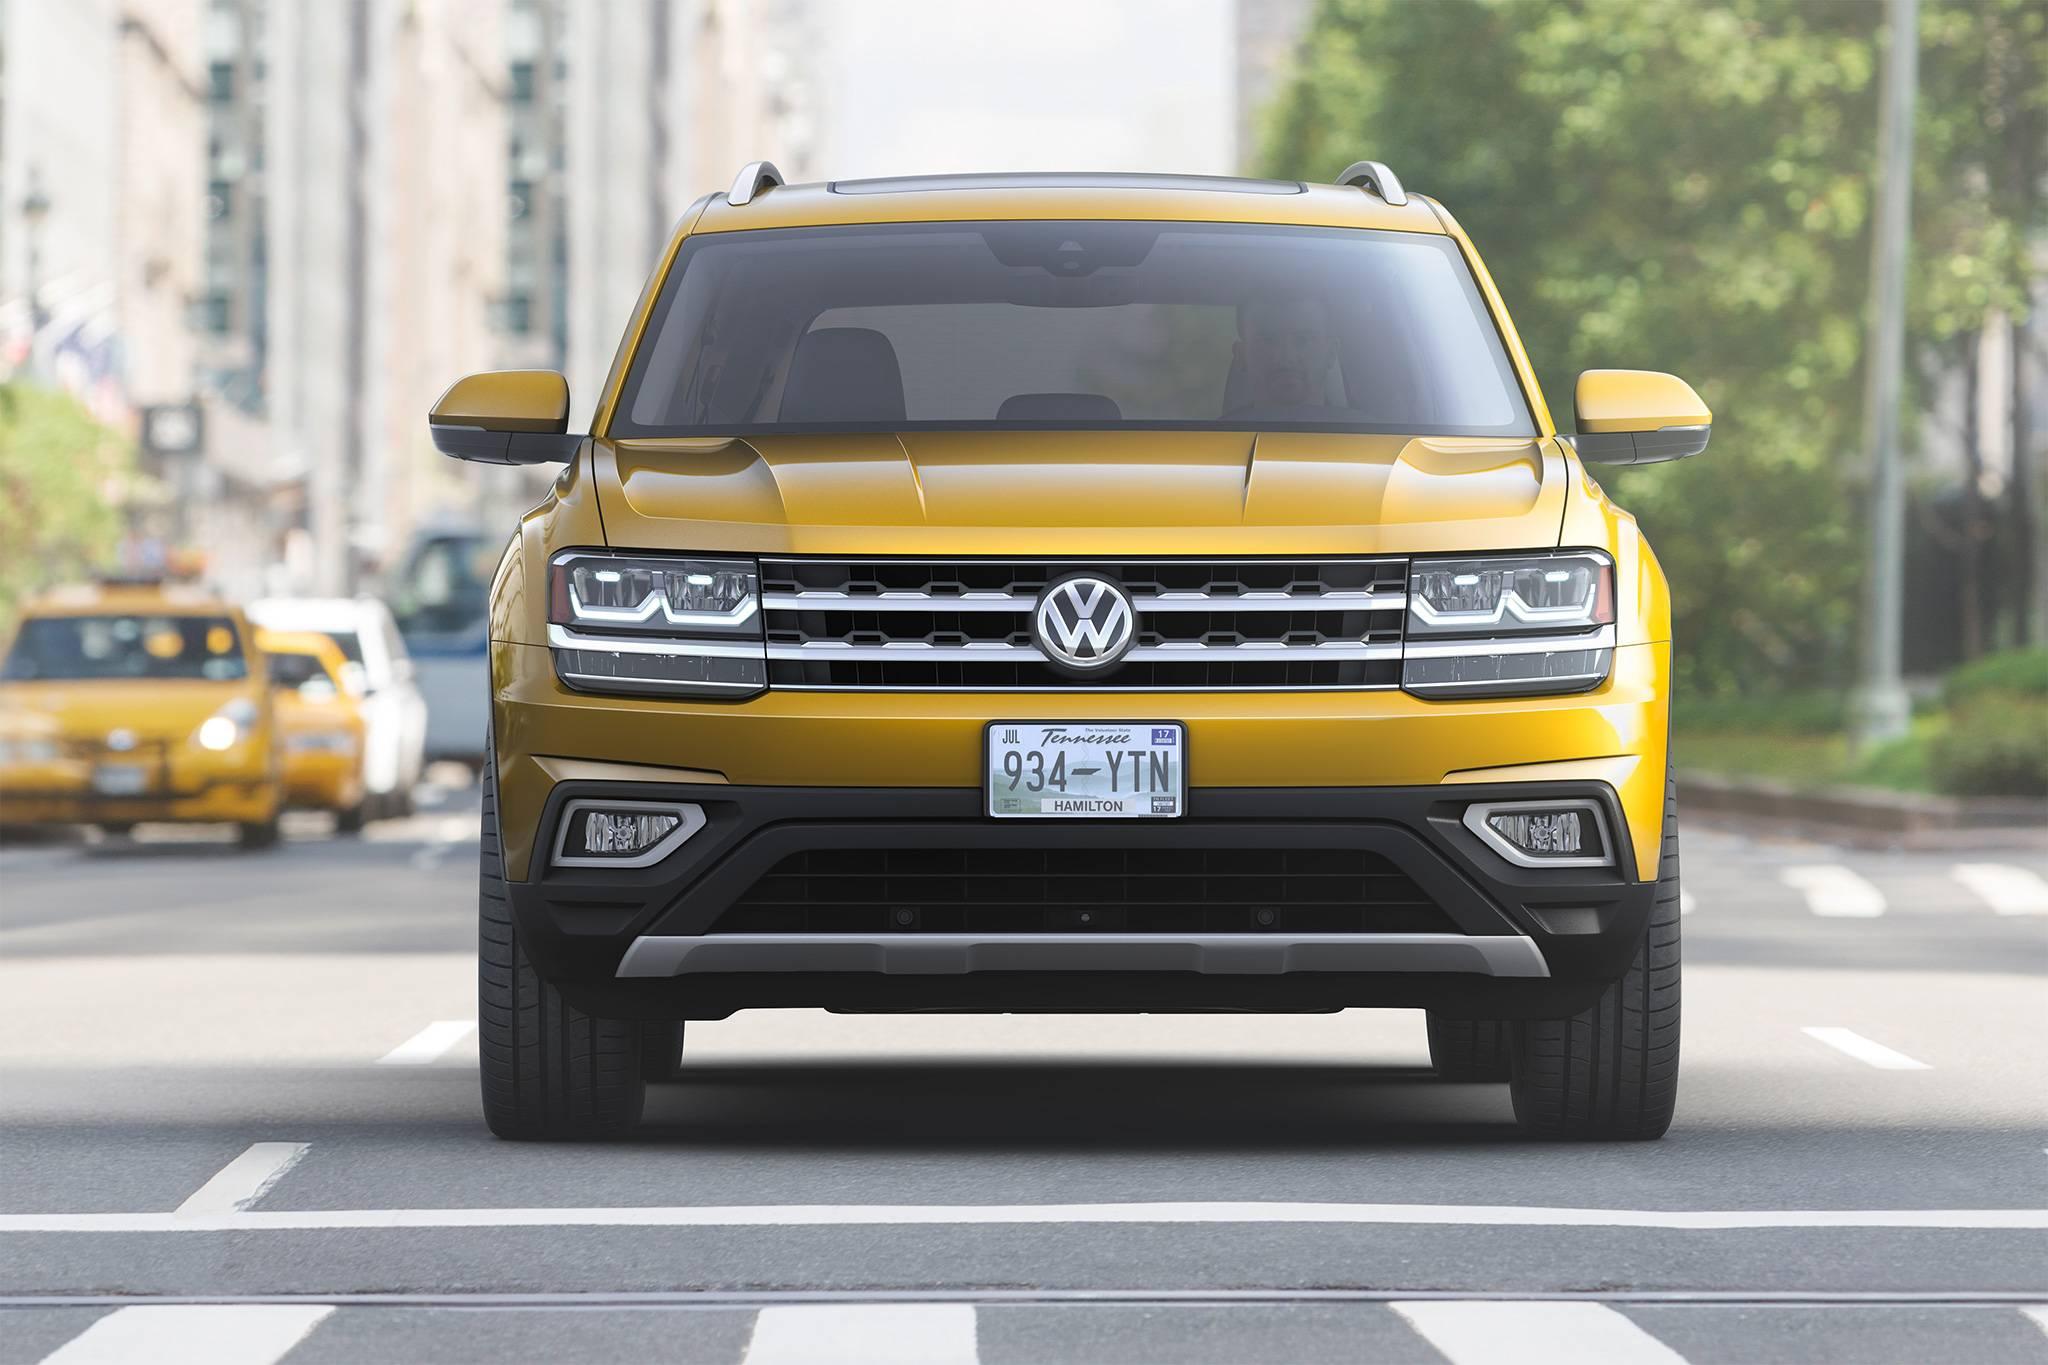 Volkswagen показал новую версию внедорожника Teramont